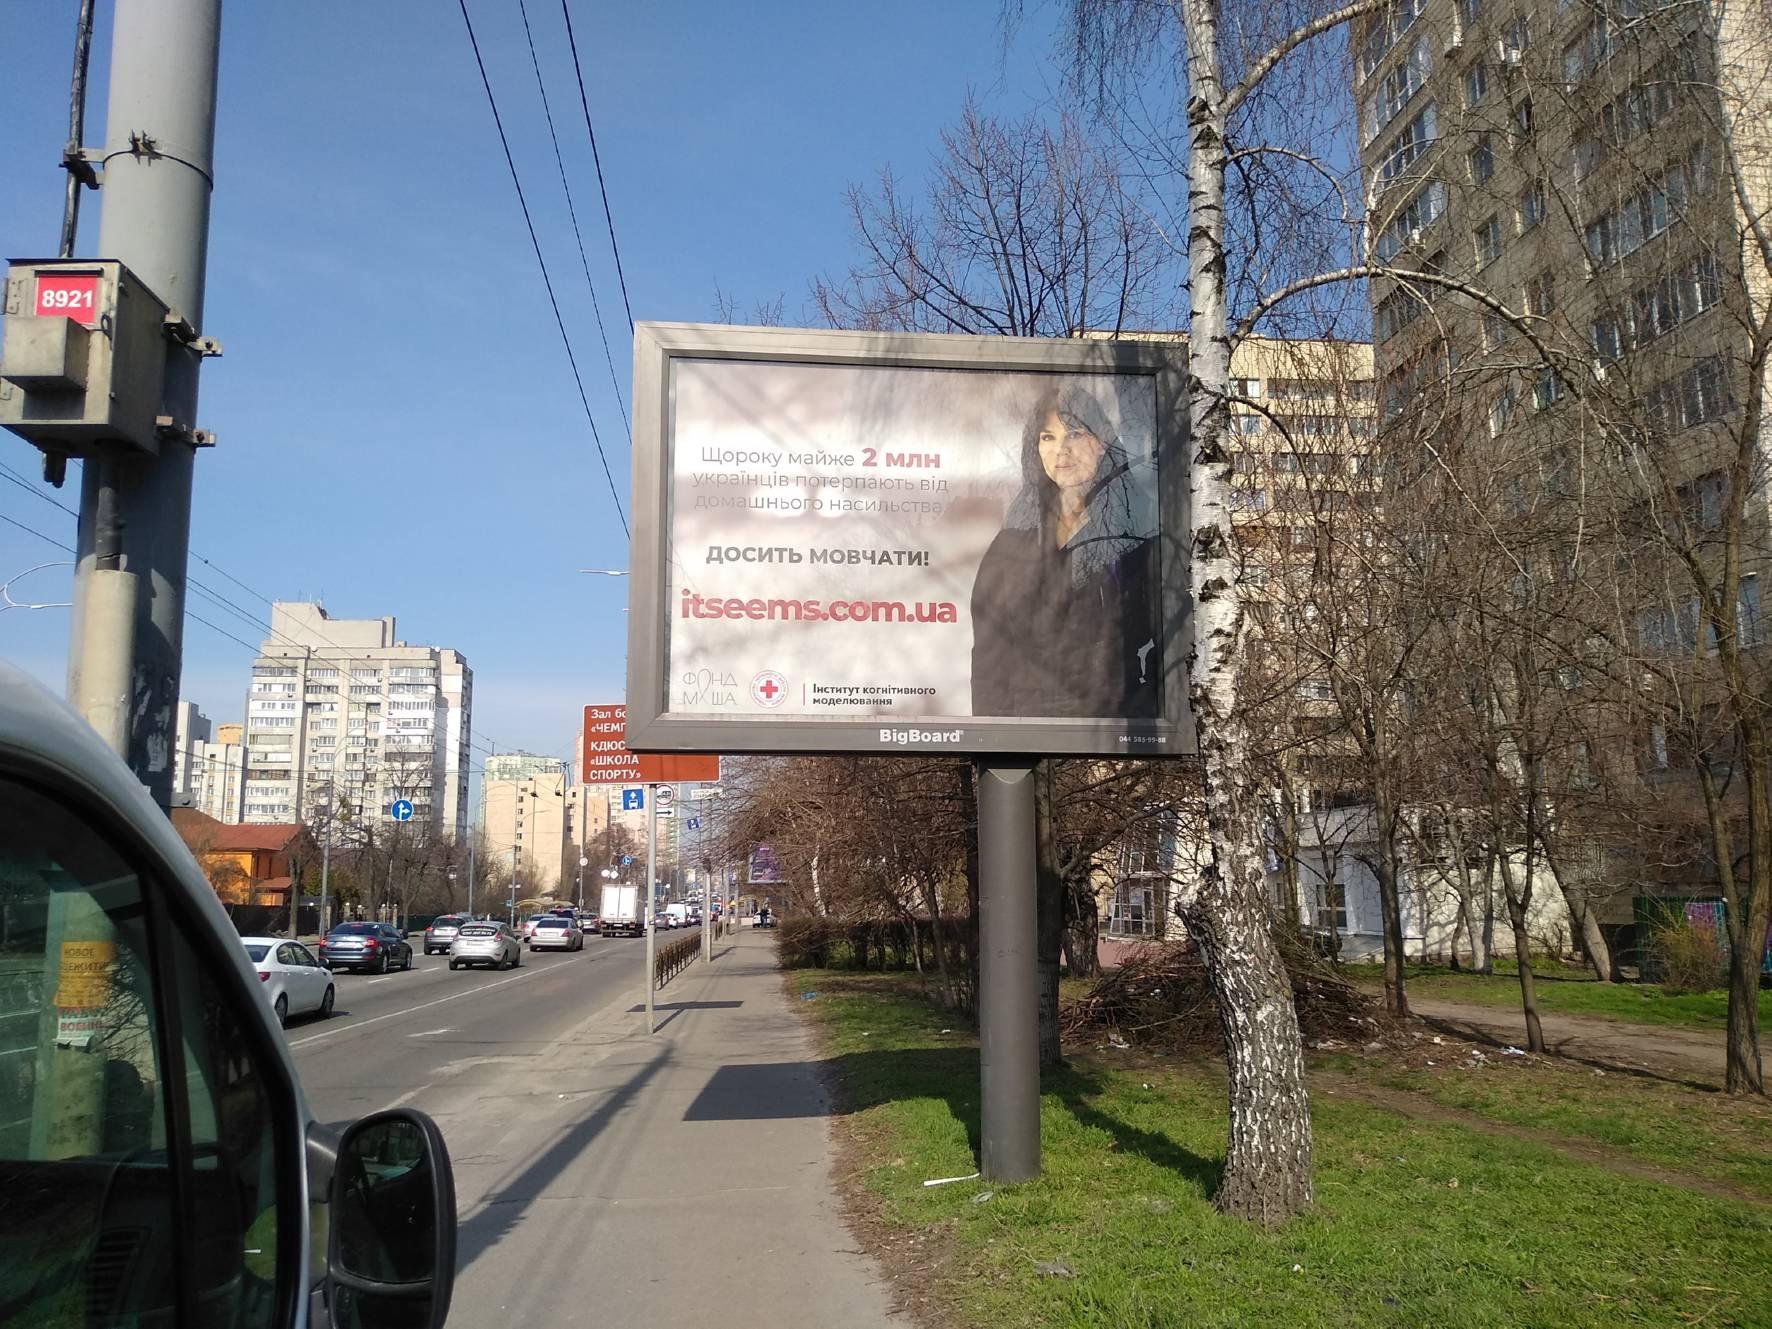 Stop Abuse: в Україні з'явився вайбер-канал для боротьби з домашнім насильством - фото №3